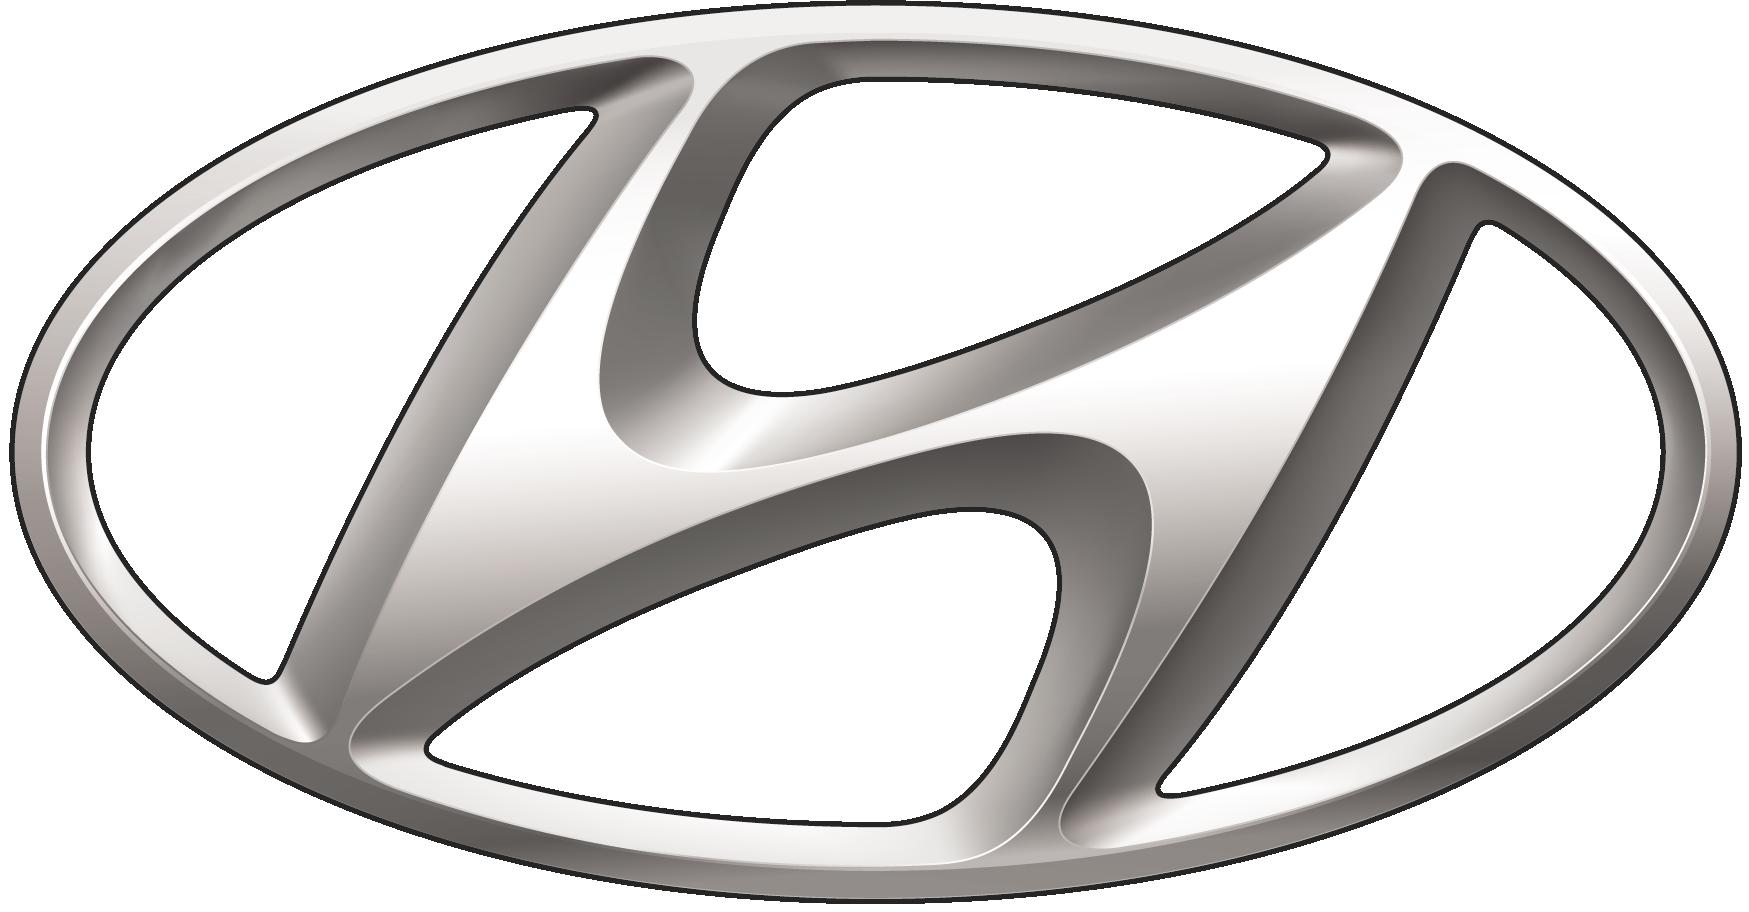 hyundai silver logo png #346